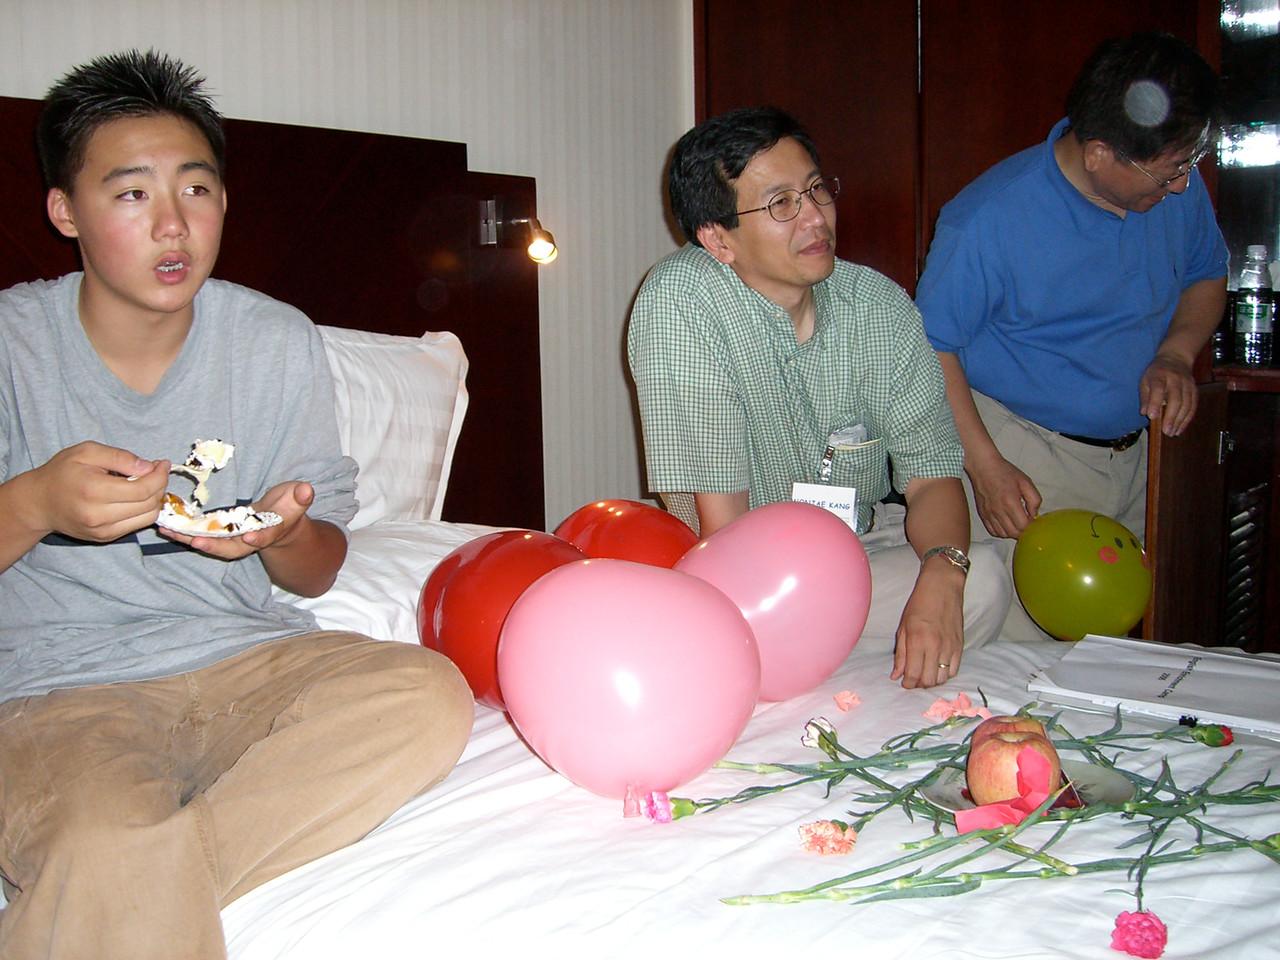 2006 07 15 Sat - Alice Tung's surprise b-day - Philip Lee, Wonjae Kang, & Baxon Kim